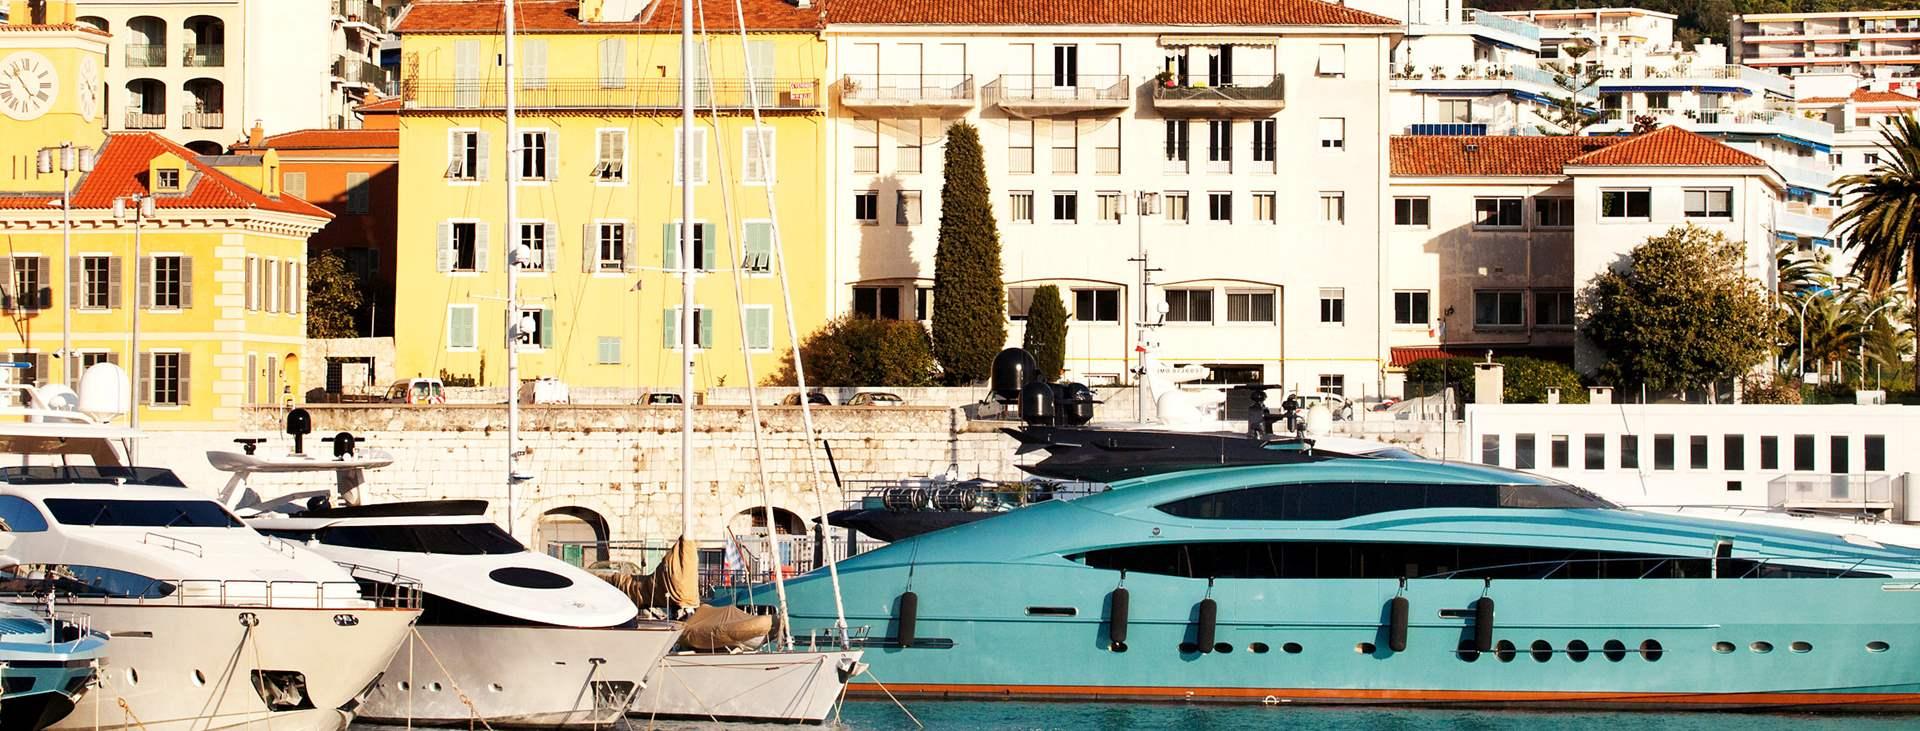 Varaa matkasi Tjäreborgilta Ranskan Rivieralle